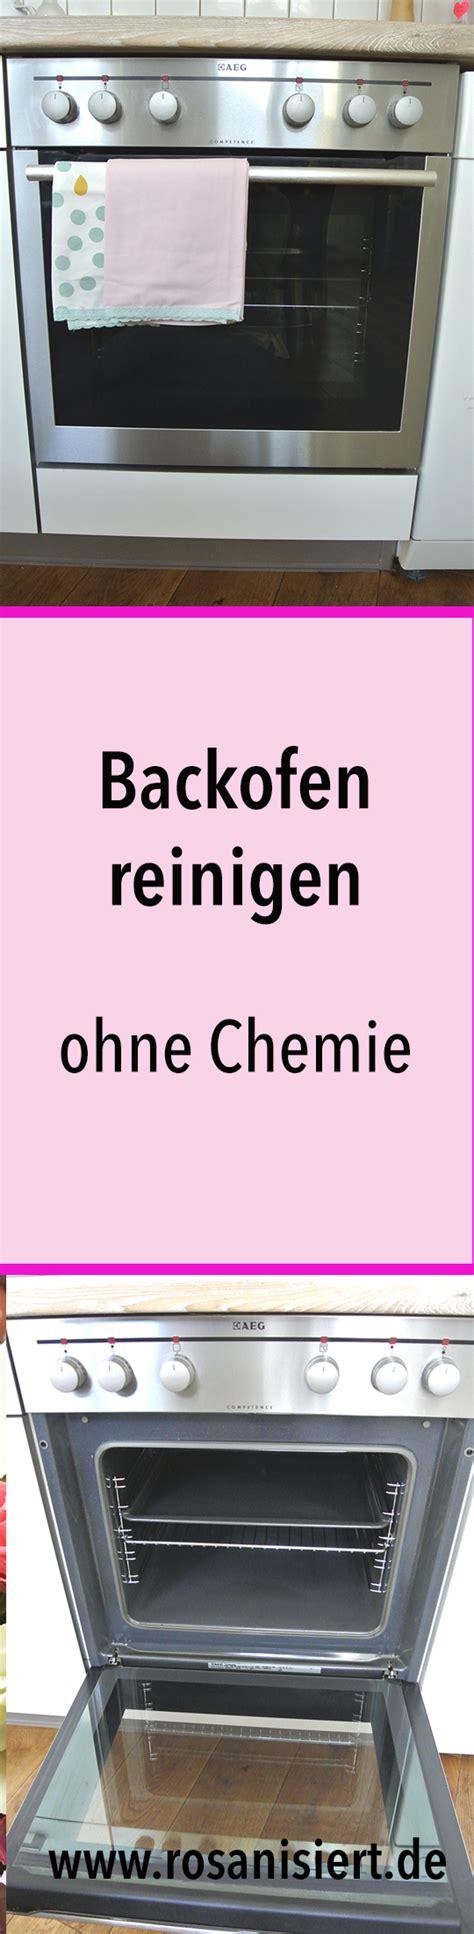 Backofen Ohne Chemie Reinigen by Backofen Ohne Chemie Reinigen Einfache Tipps Zum Backofen